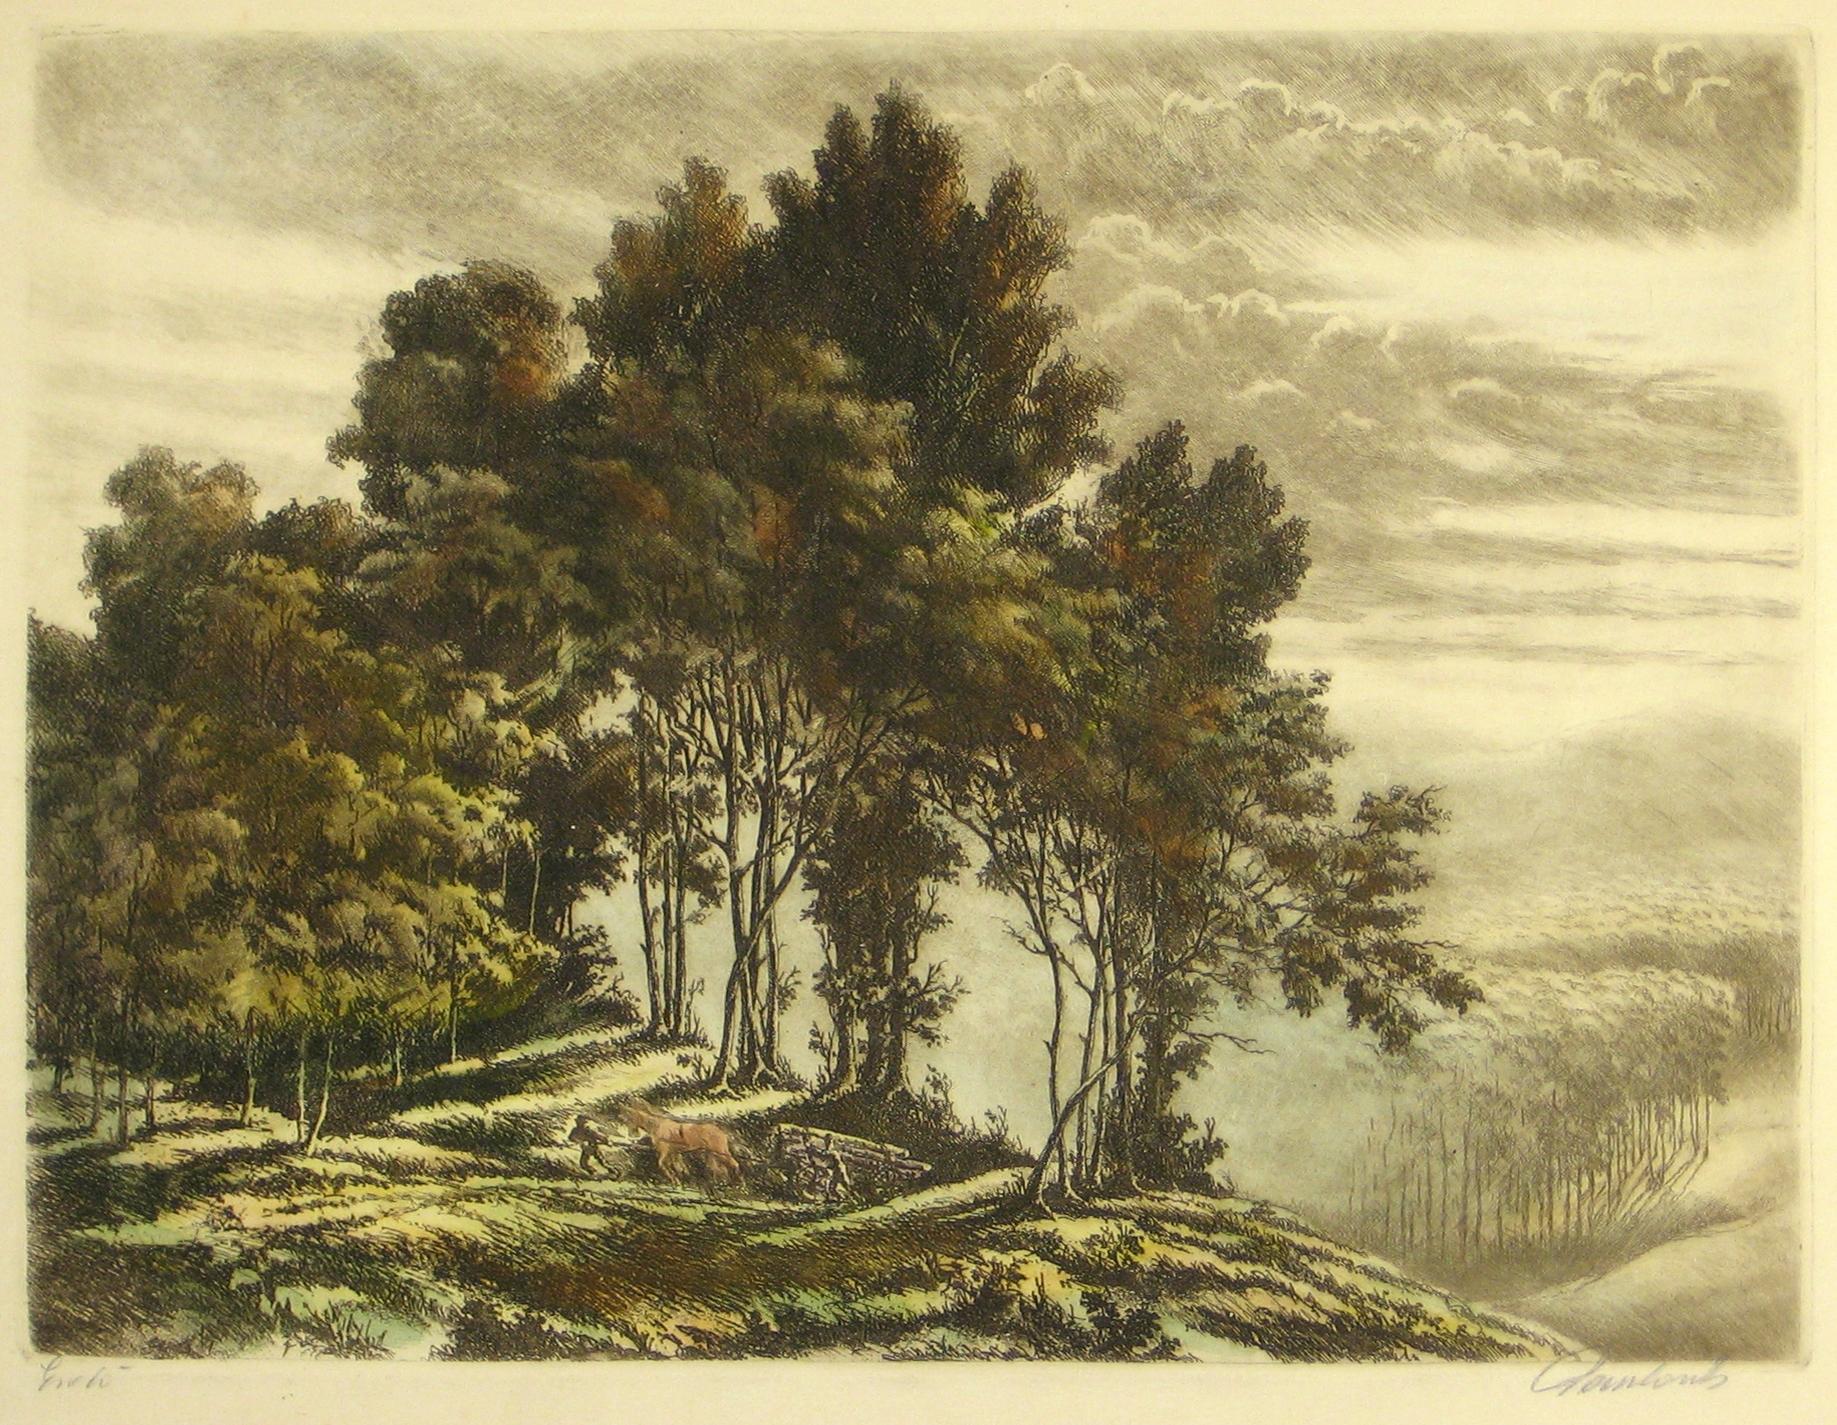 48-7kn.jpg (1837×1425)